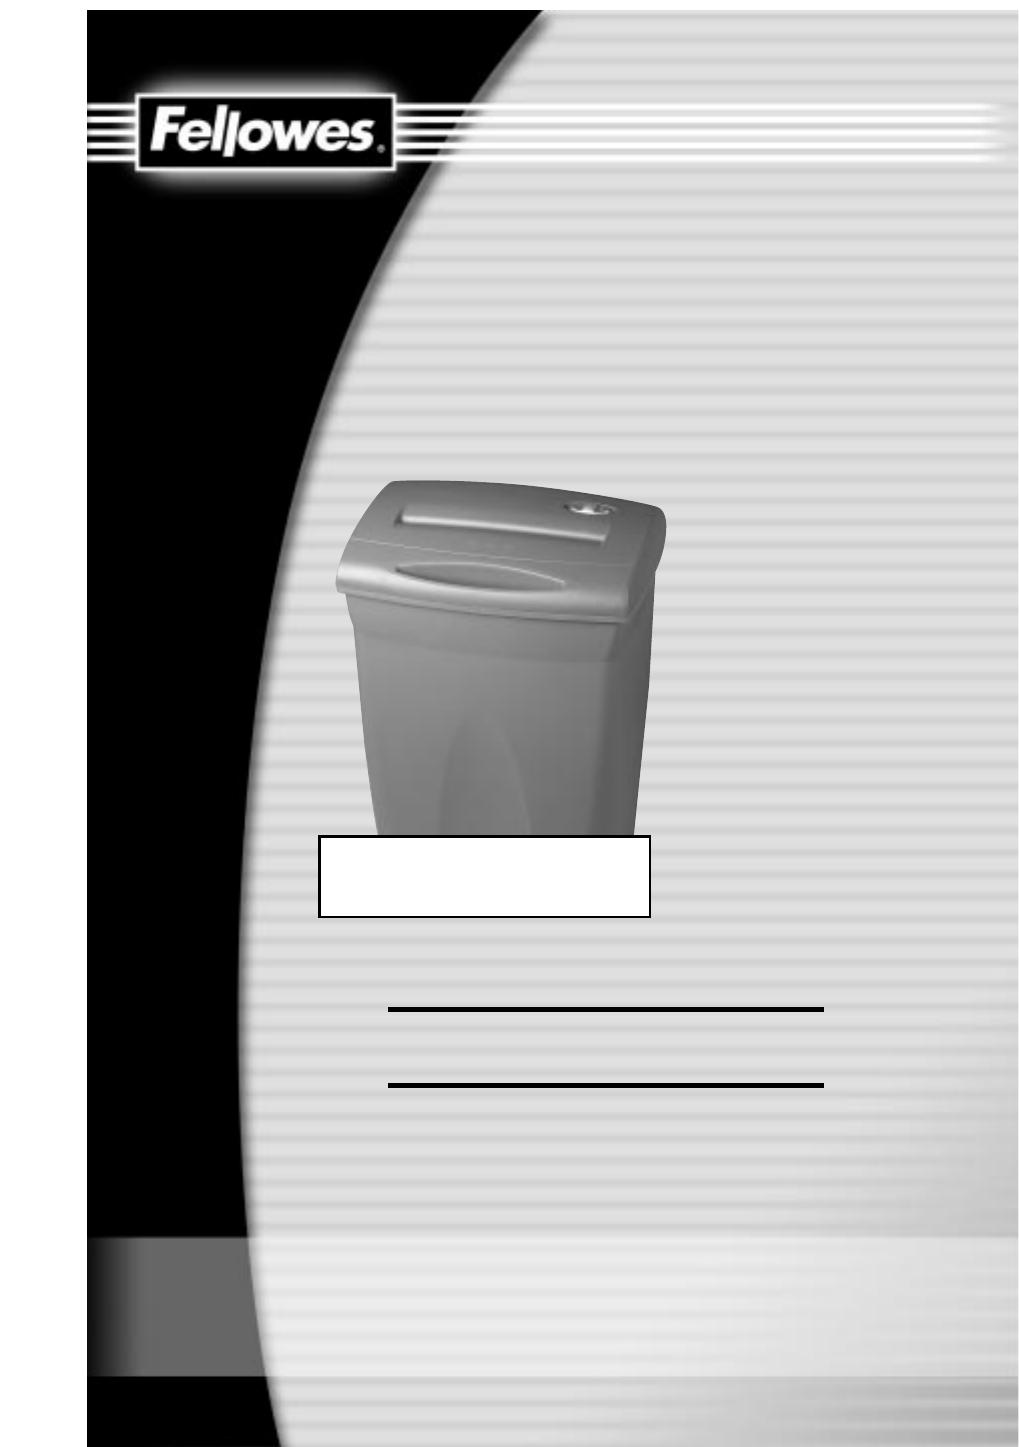 fellowes paper shredder p500 2 user guide manualsonline com rh office manualsonline com P500 Pill Identifier White Pill P500